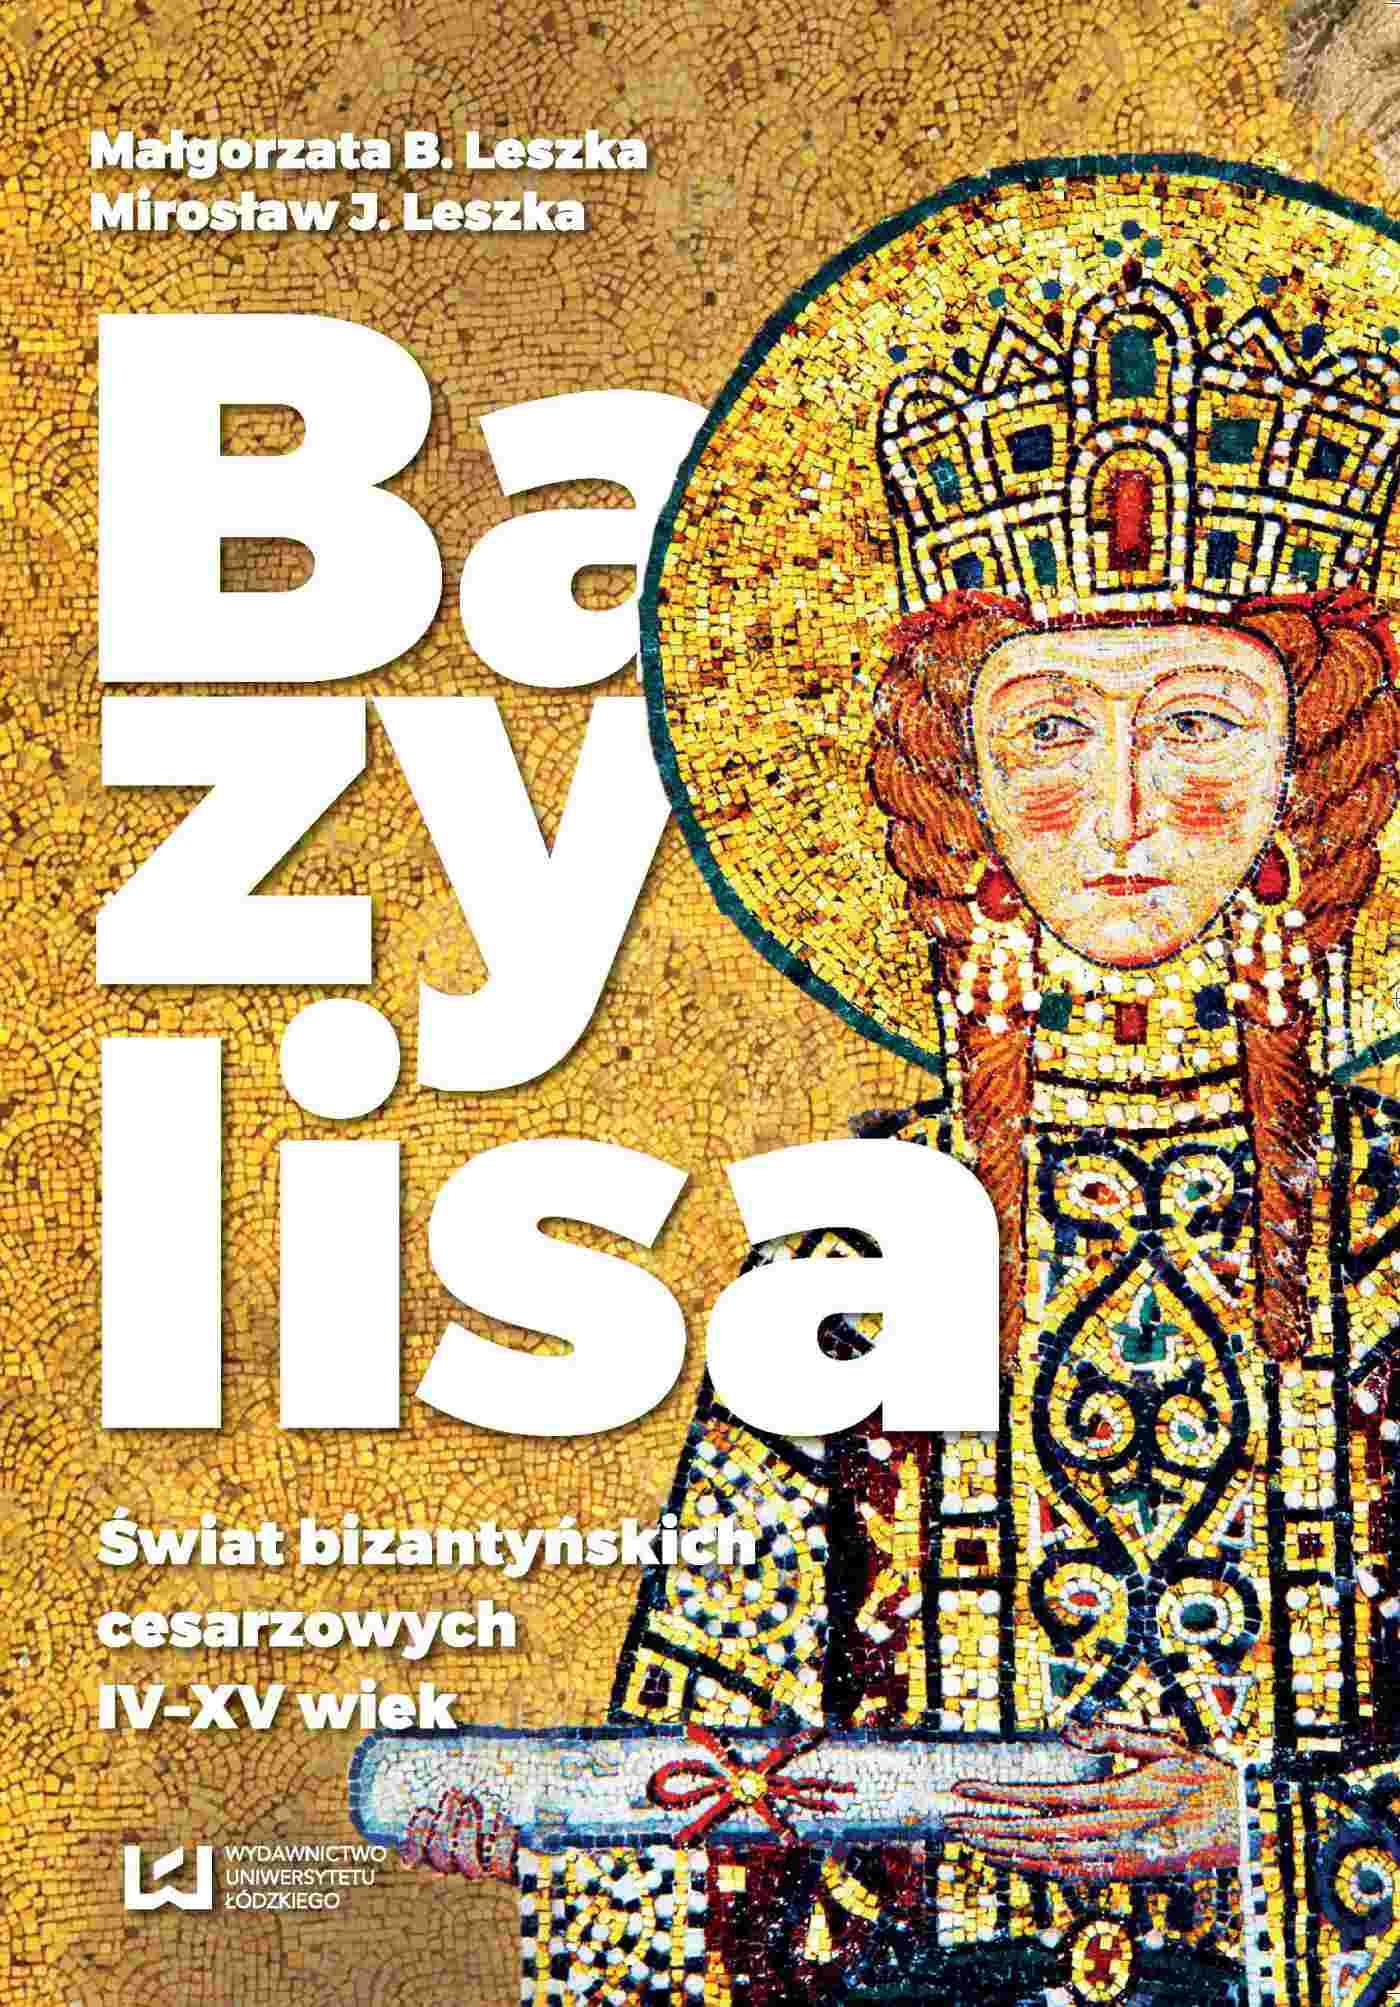 Bazylisa. Świat bizantyńskich cesarzowych (IV-XV wiek) - Ebook (Książka PDF) do pobrania w formacie PDF